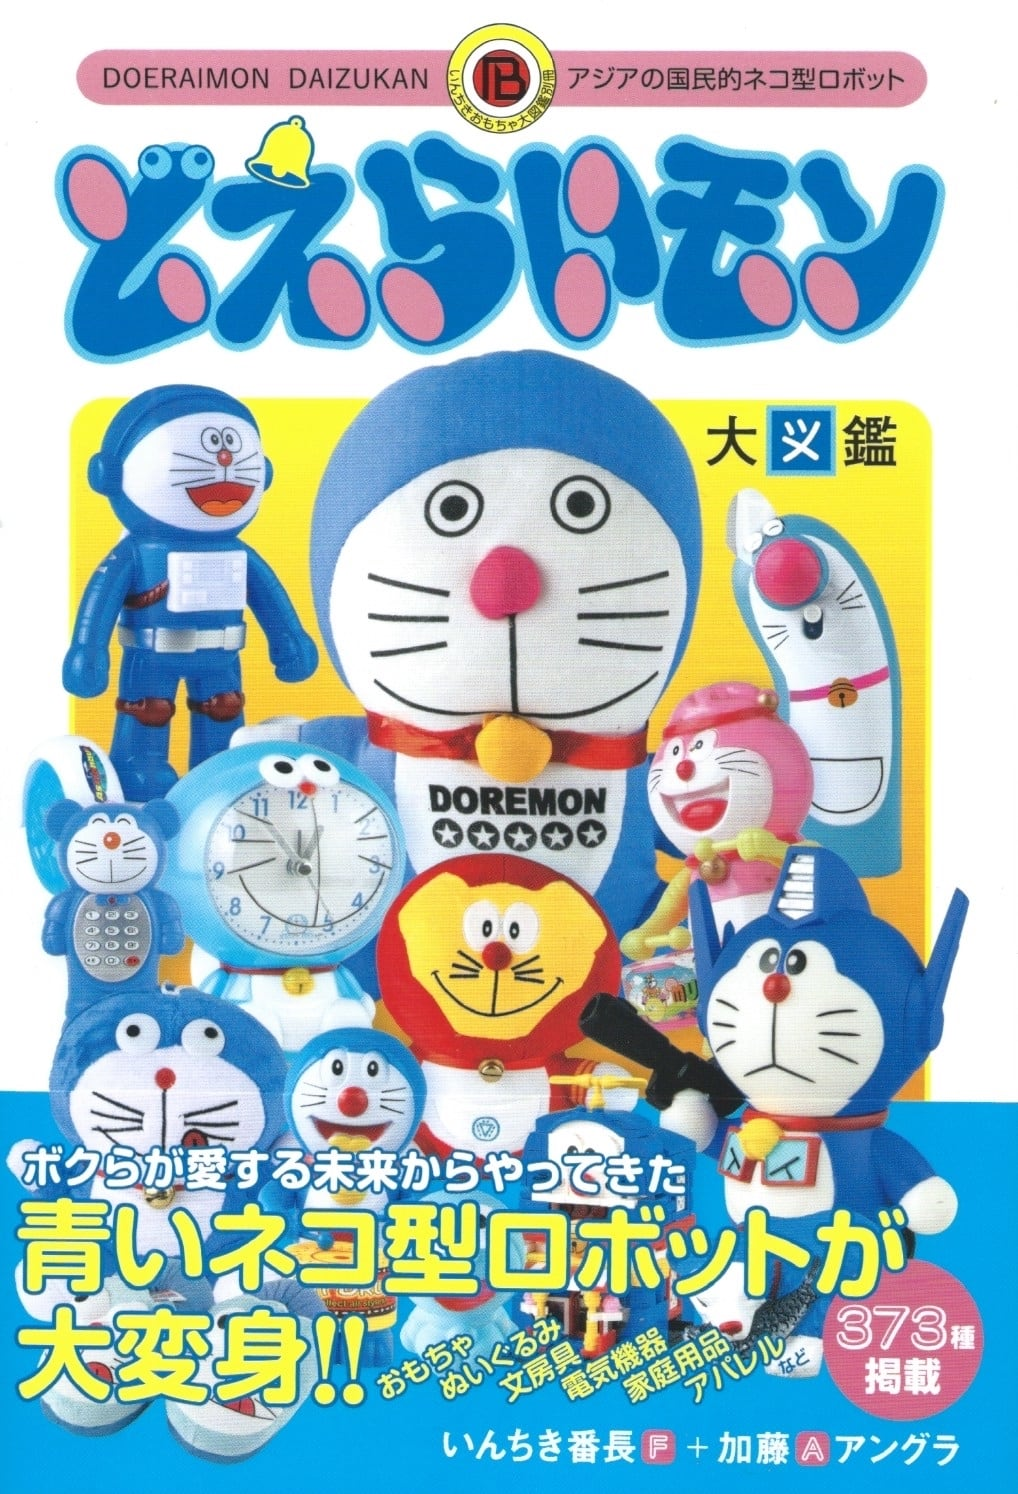 どえらいモン大図鑑——アジアの国民的ネコ型ロボット